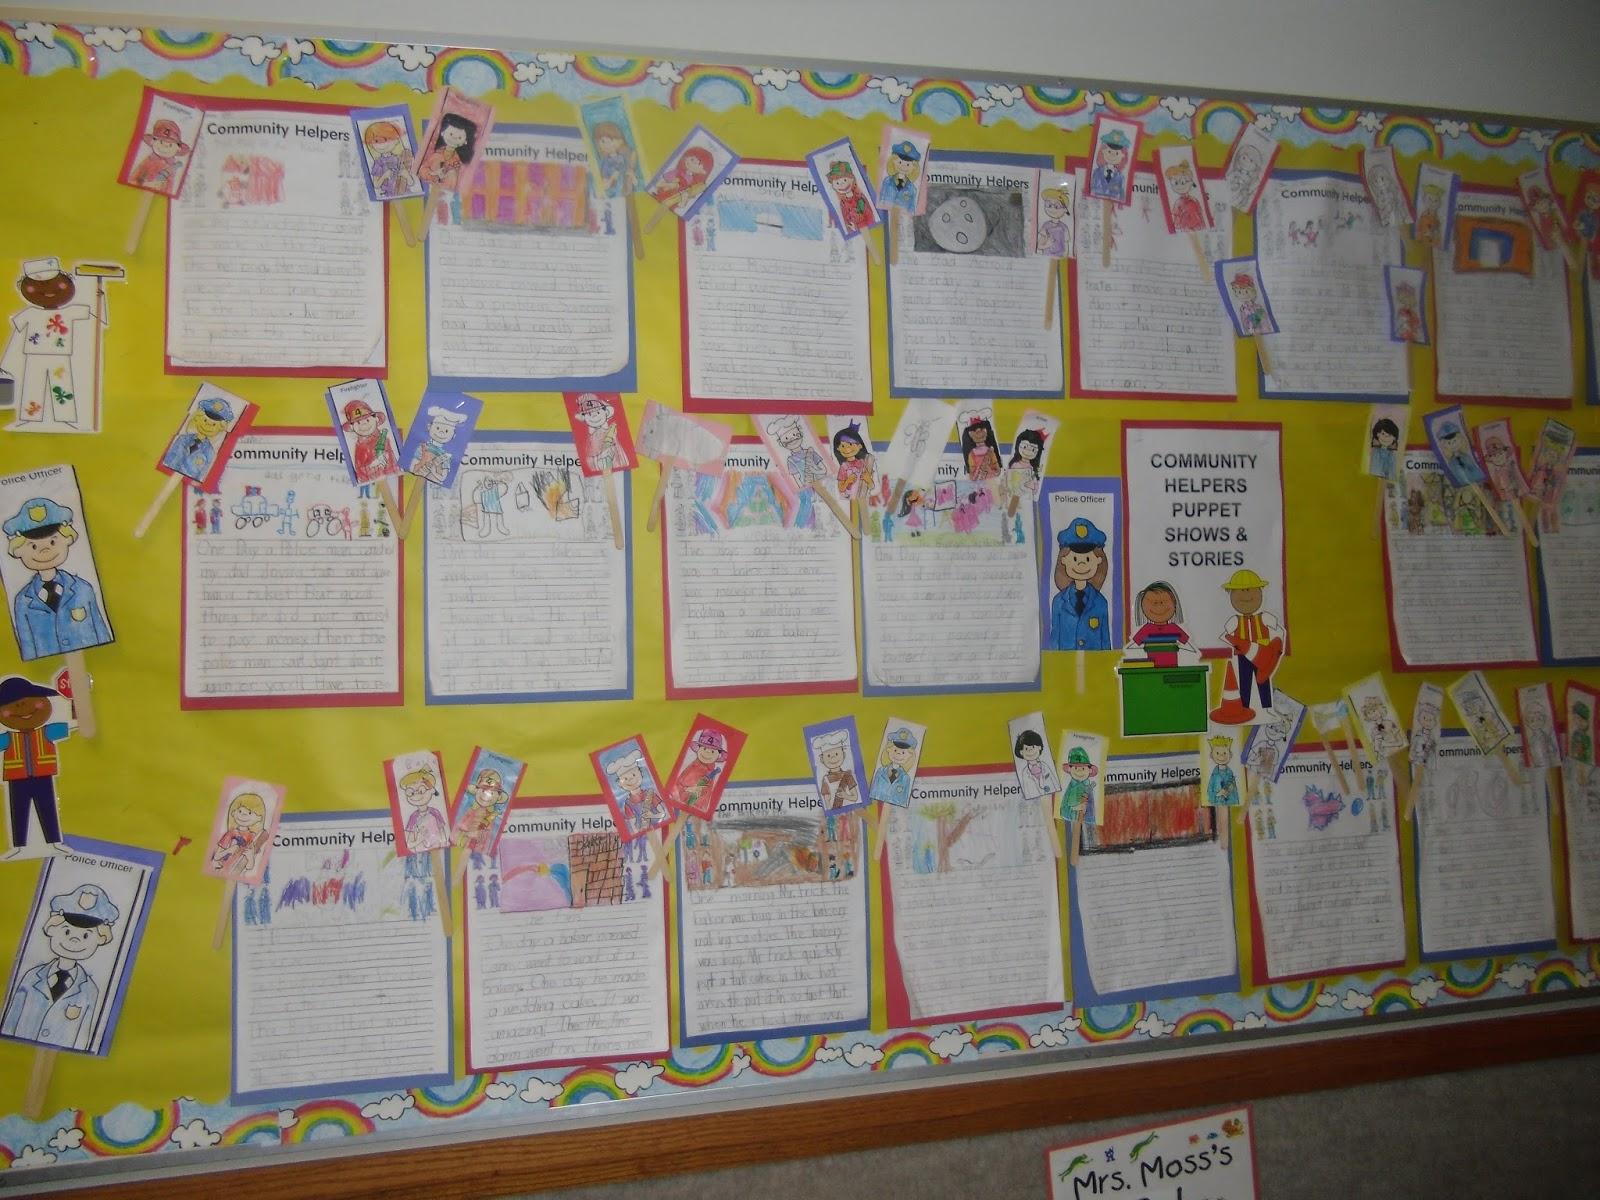 Patties Classroom Community Helpers Activities